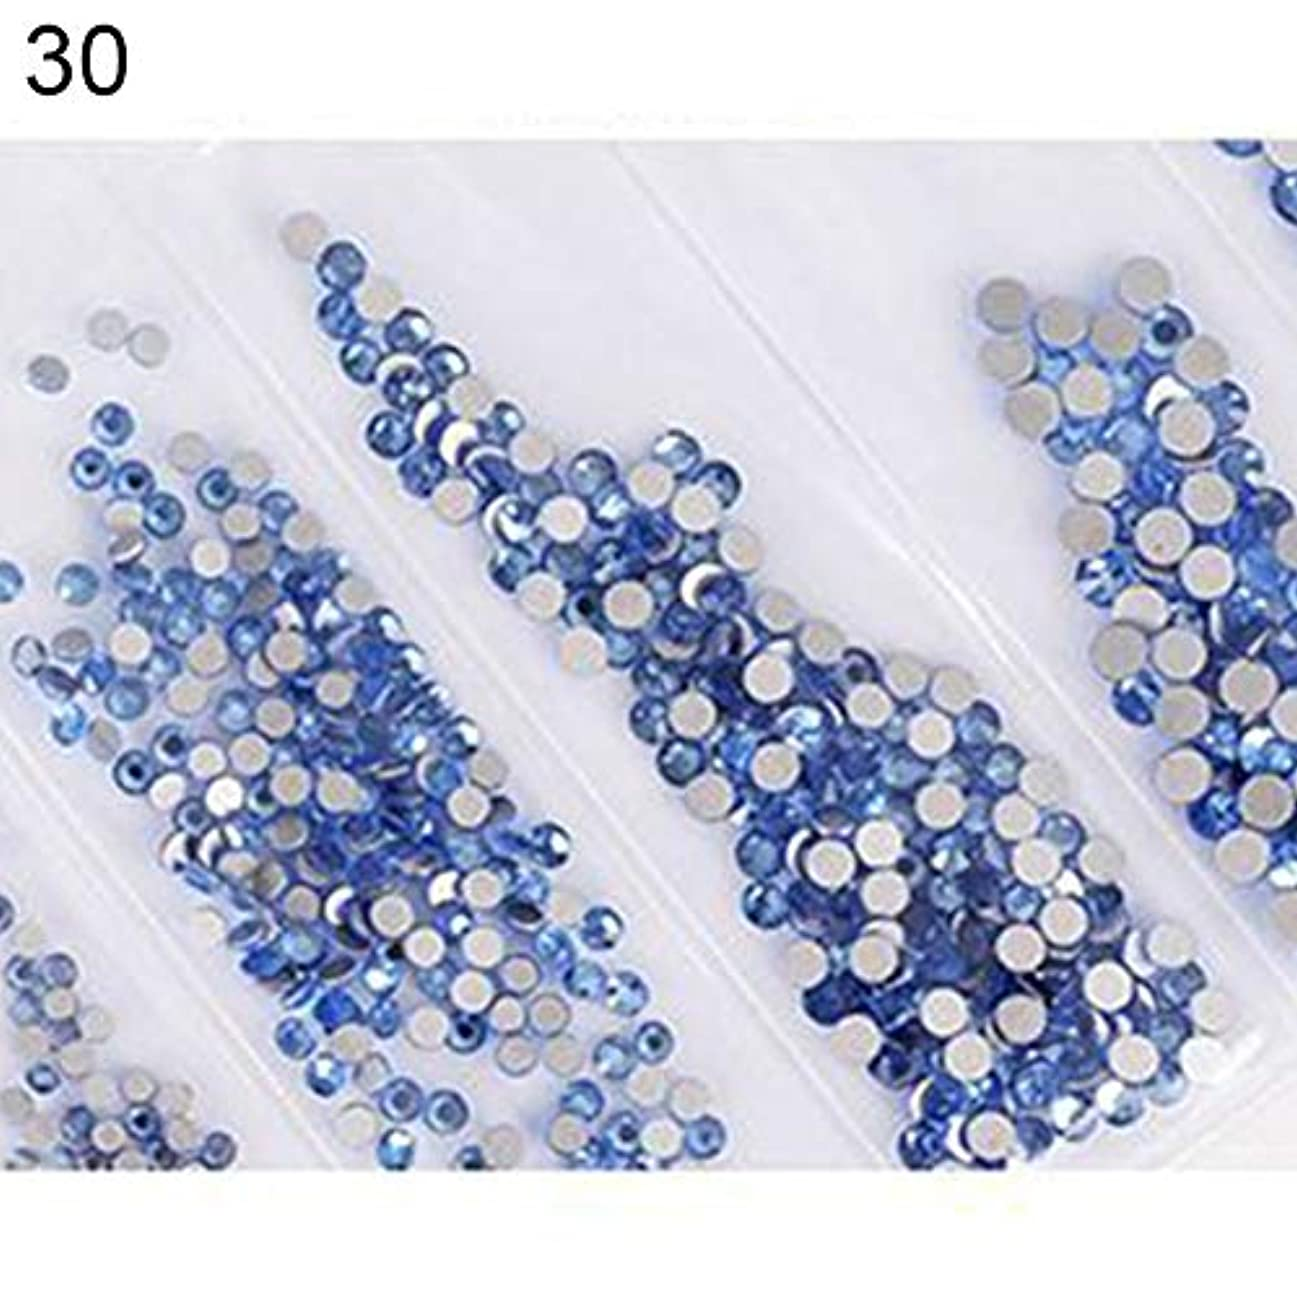 独特の拳無線hamulekfae-6ピース光沢のあるフラットガラスラインストーンネイルアートの装飾diyマニキュアのヒントツール 30#